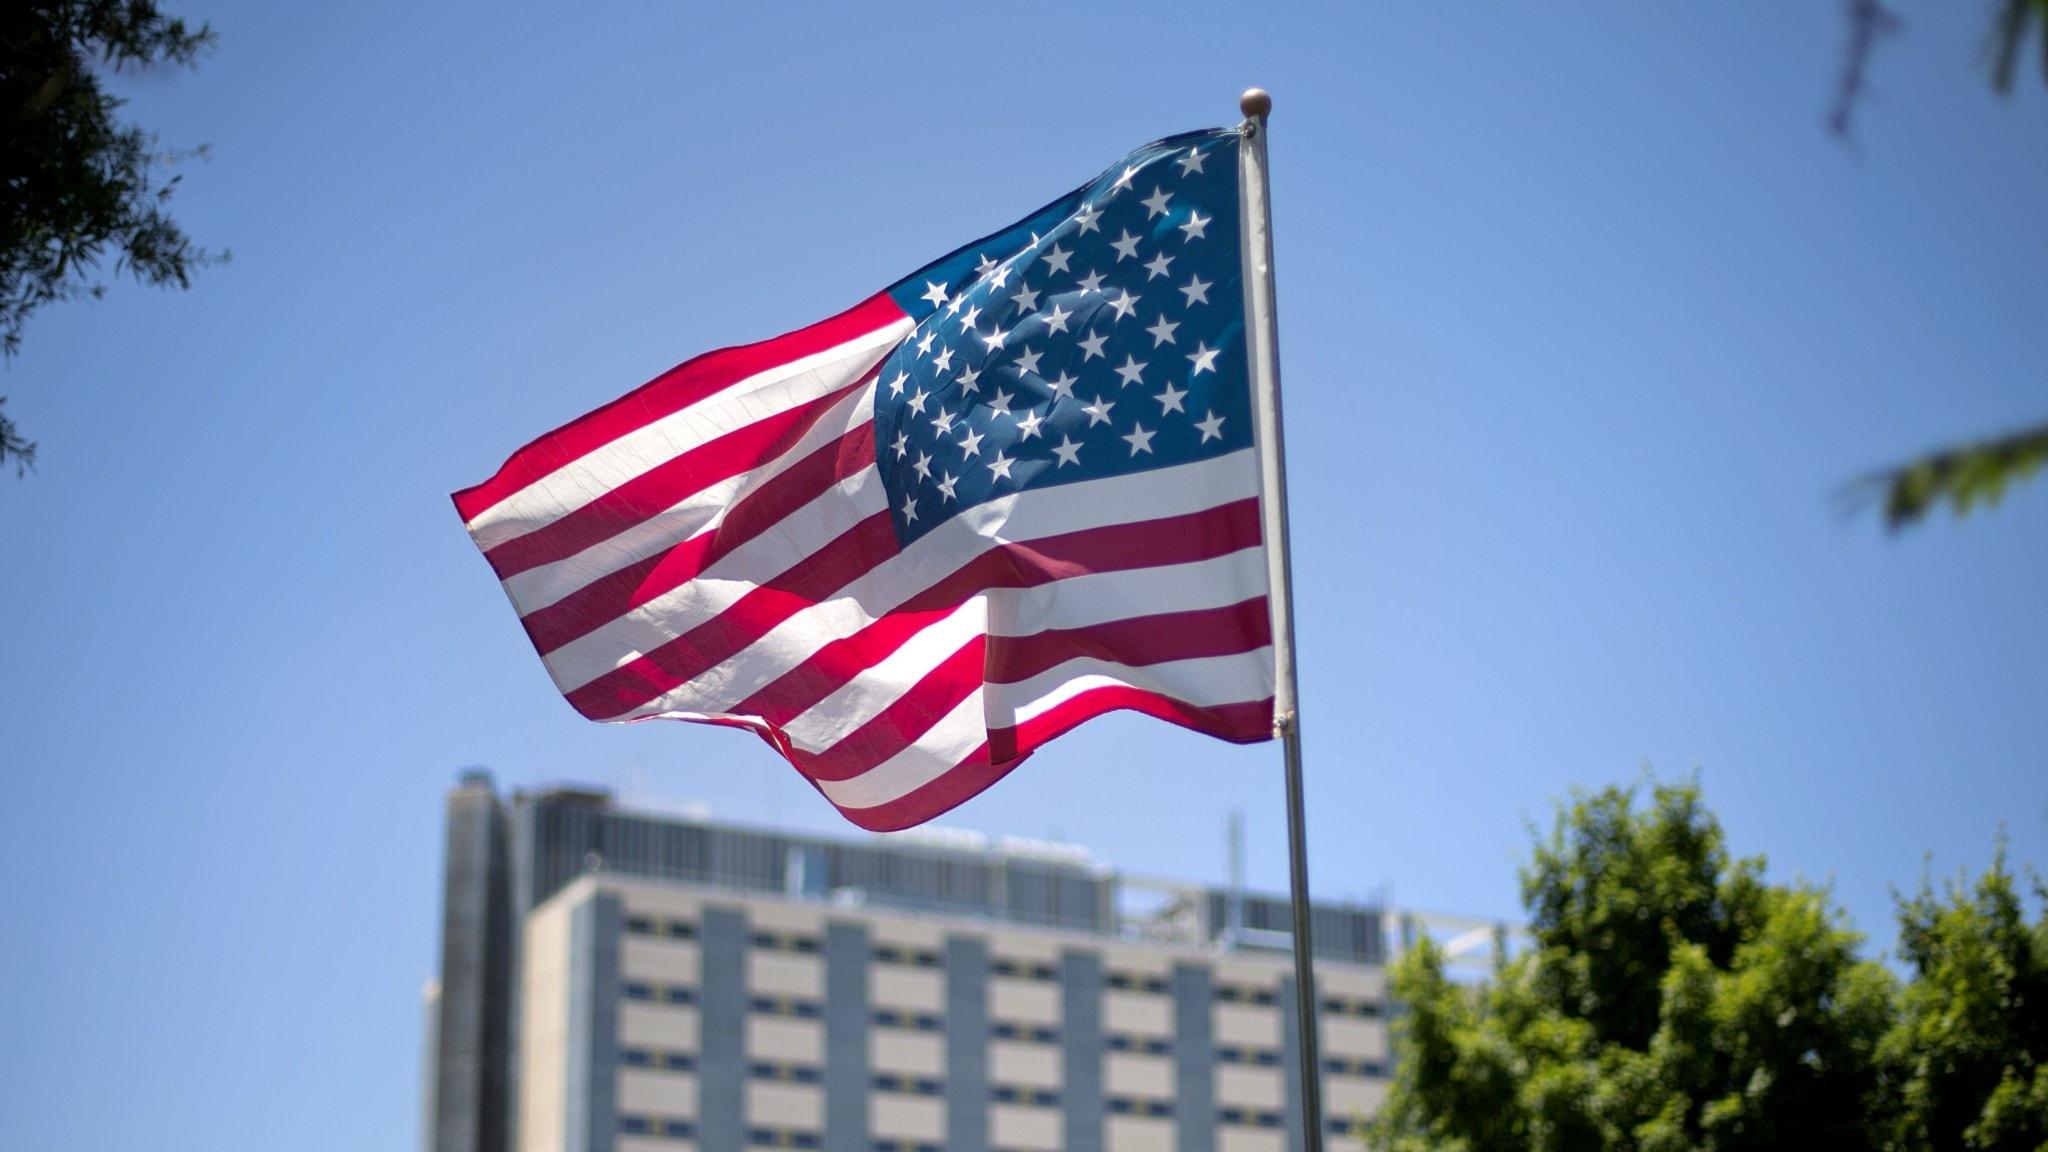 Amerikanska flaggan vajar i luften.